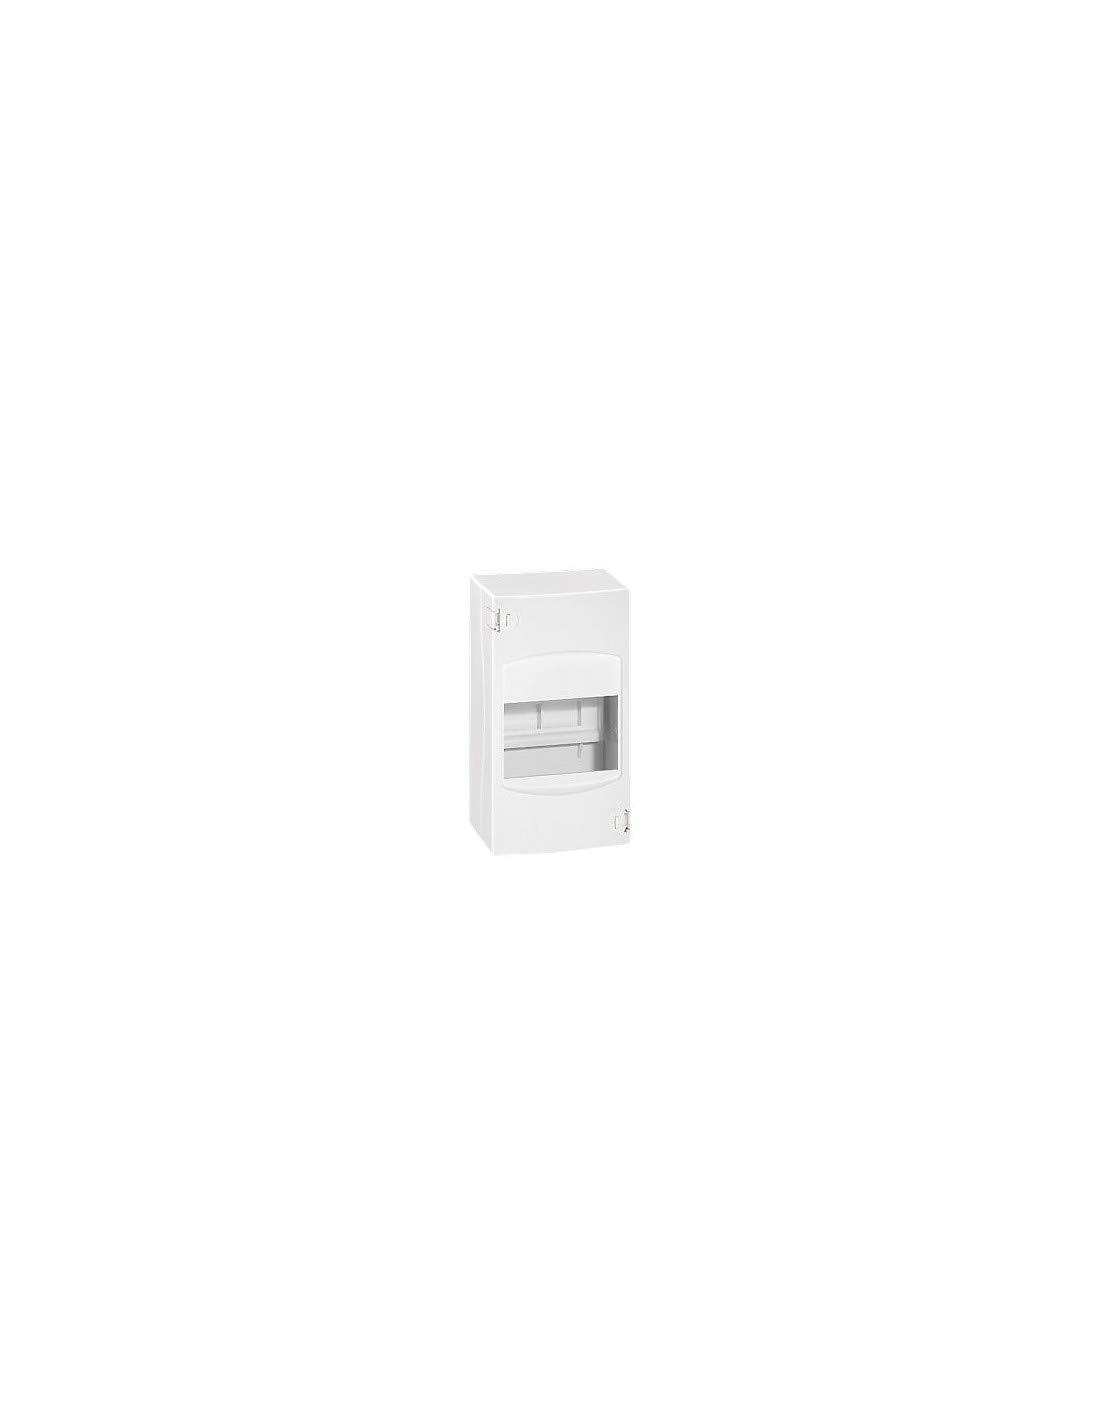 Legrand LEG01301 Coffret cache-bornes 1 module Blanc ral 9010 001301 Protection tableau coffret moulé bornier de terre porte cache borne